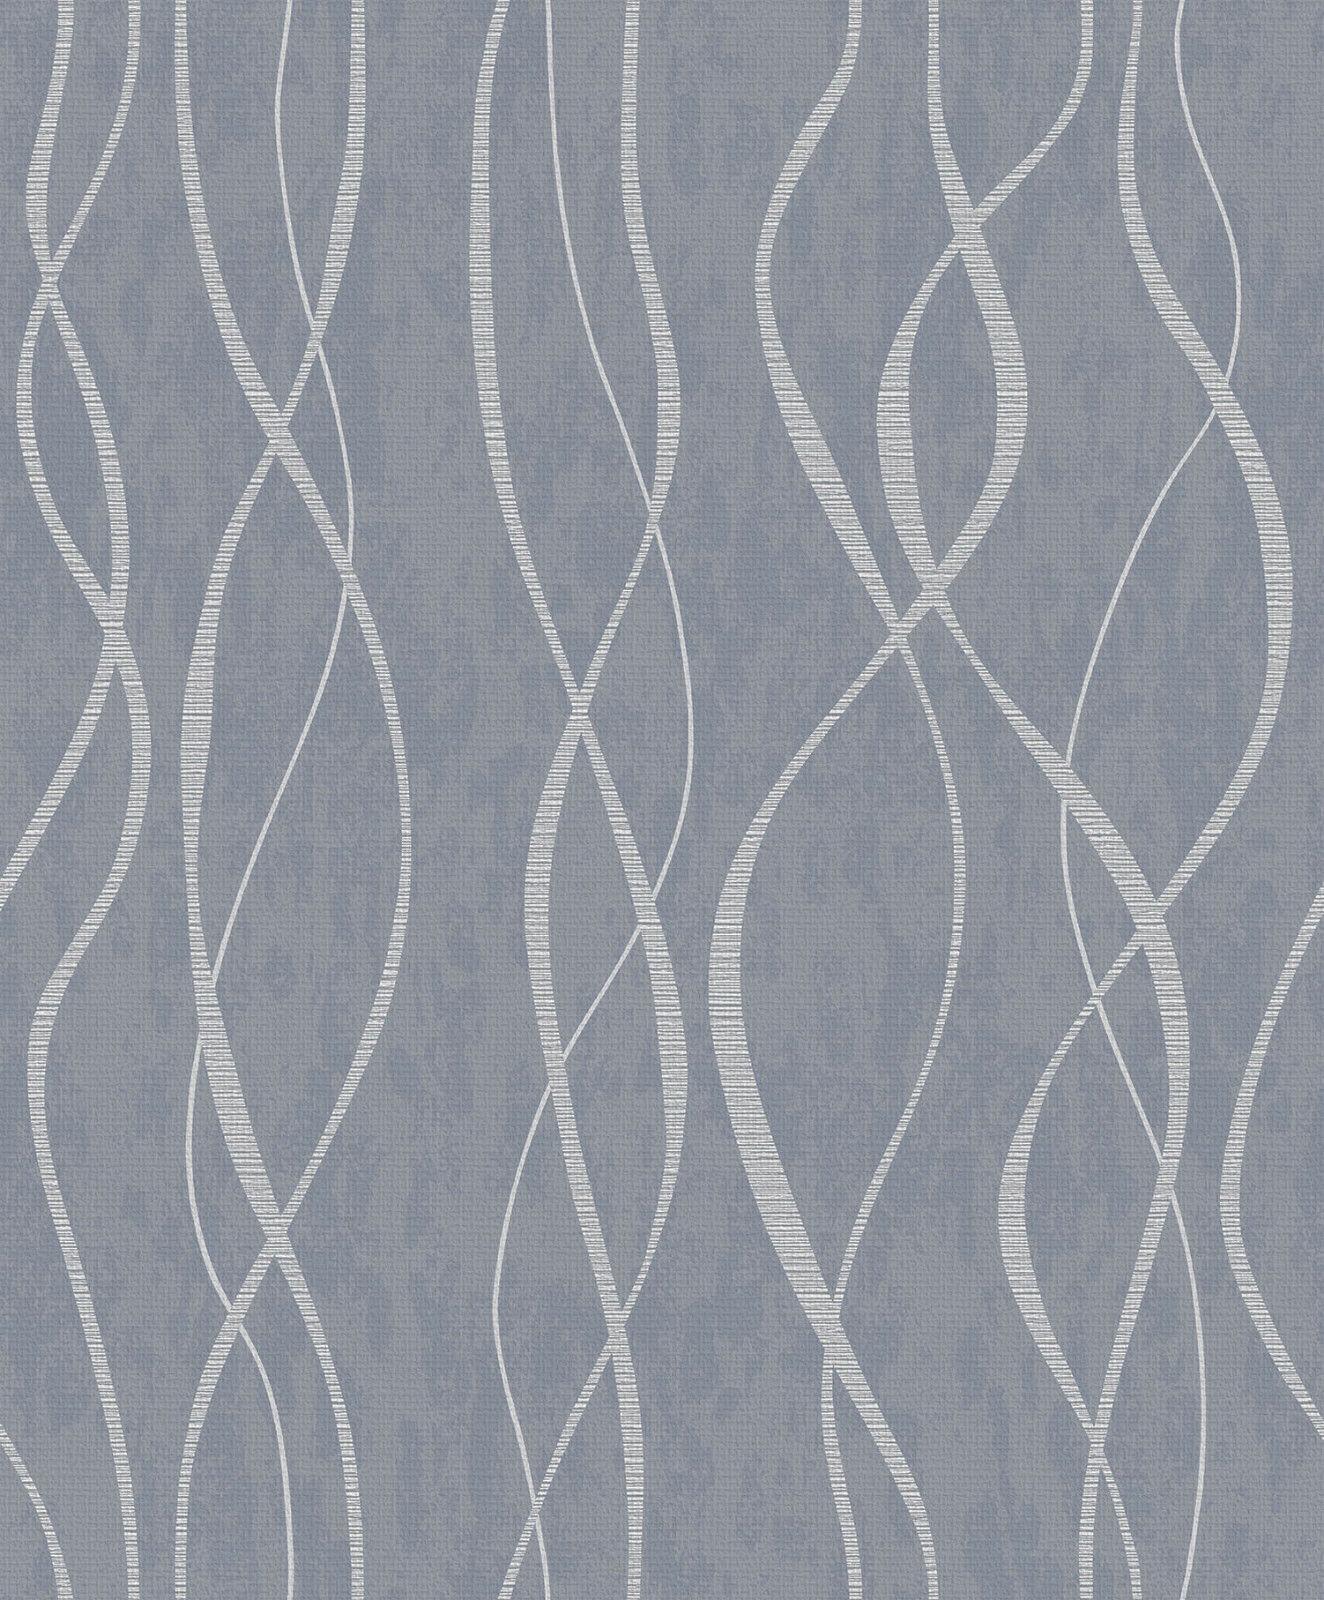 Essener Tapete Spécial Fx G67720 Vague Lignes Ondulées Vinyle Papier-Peint